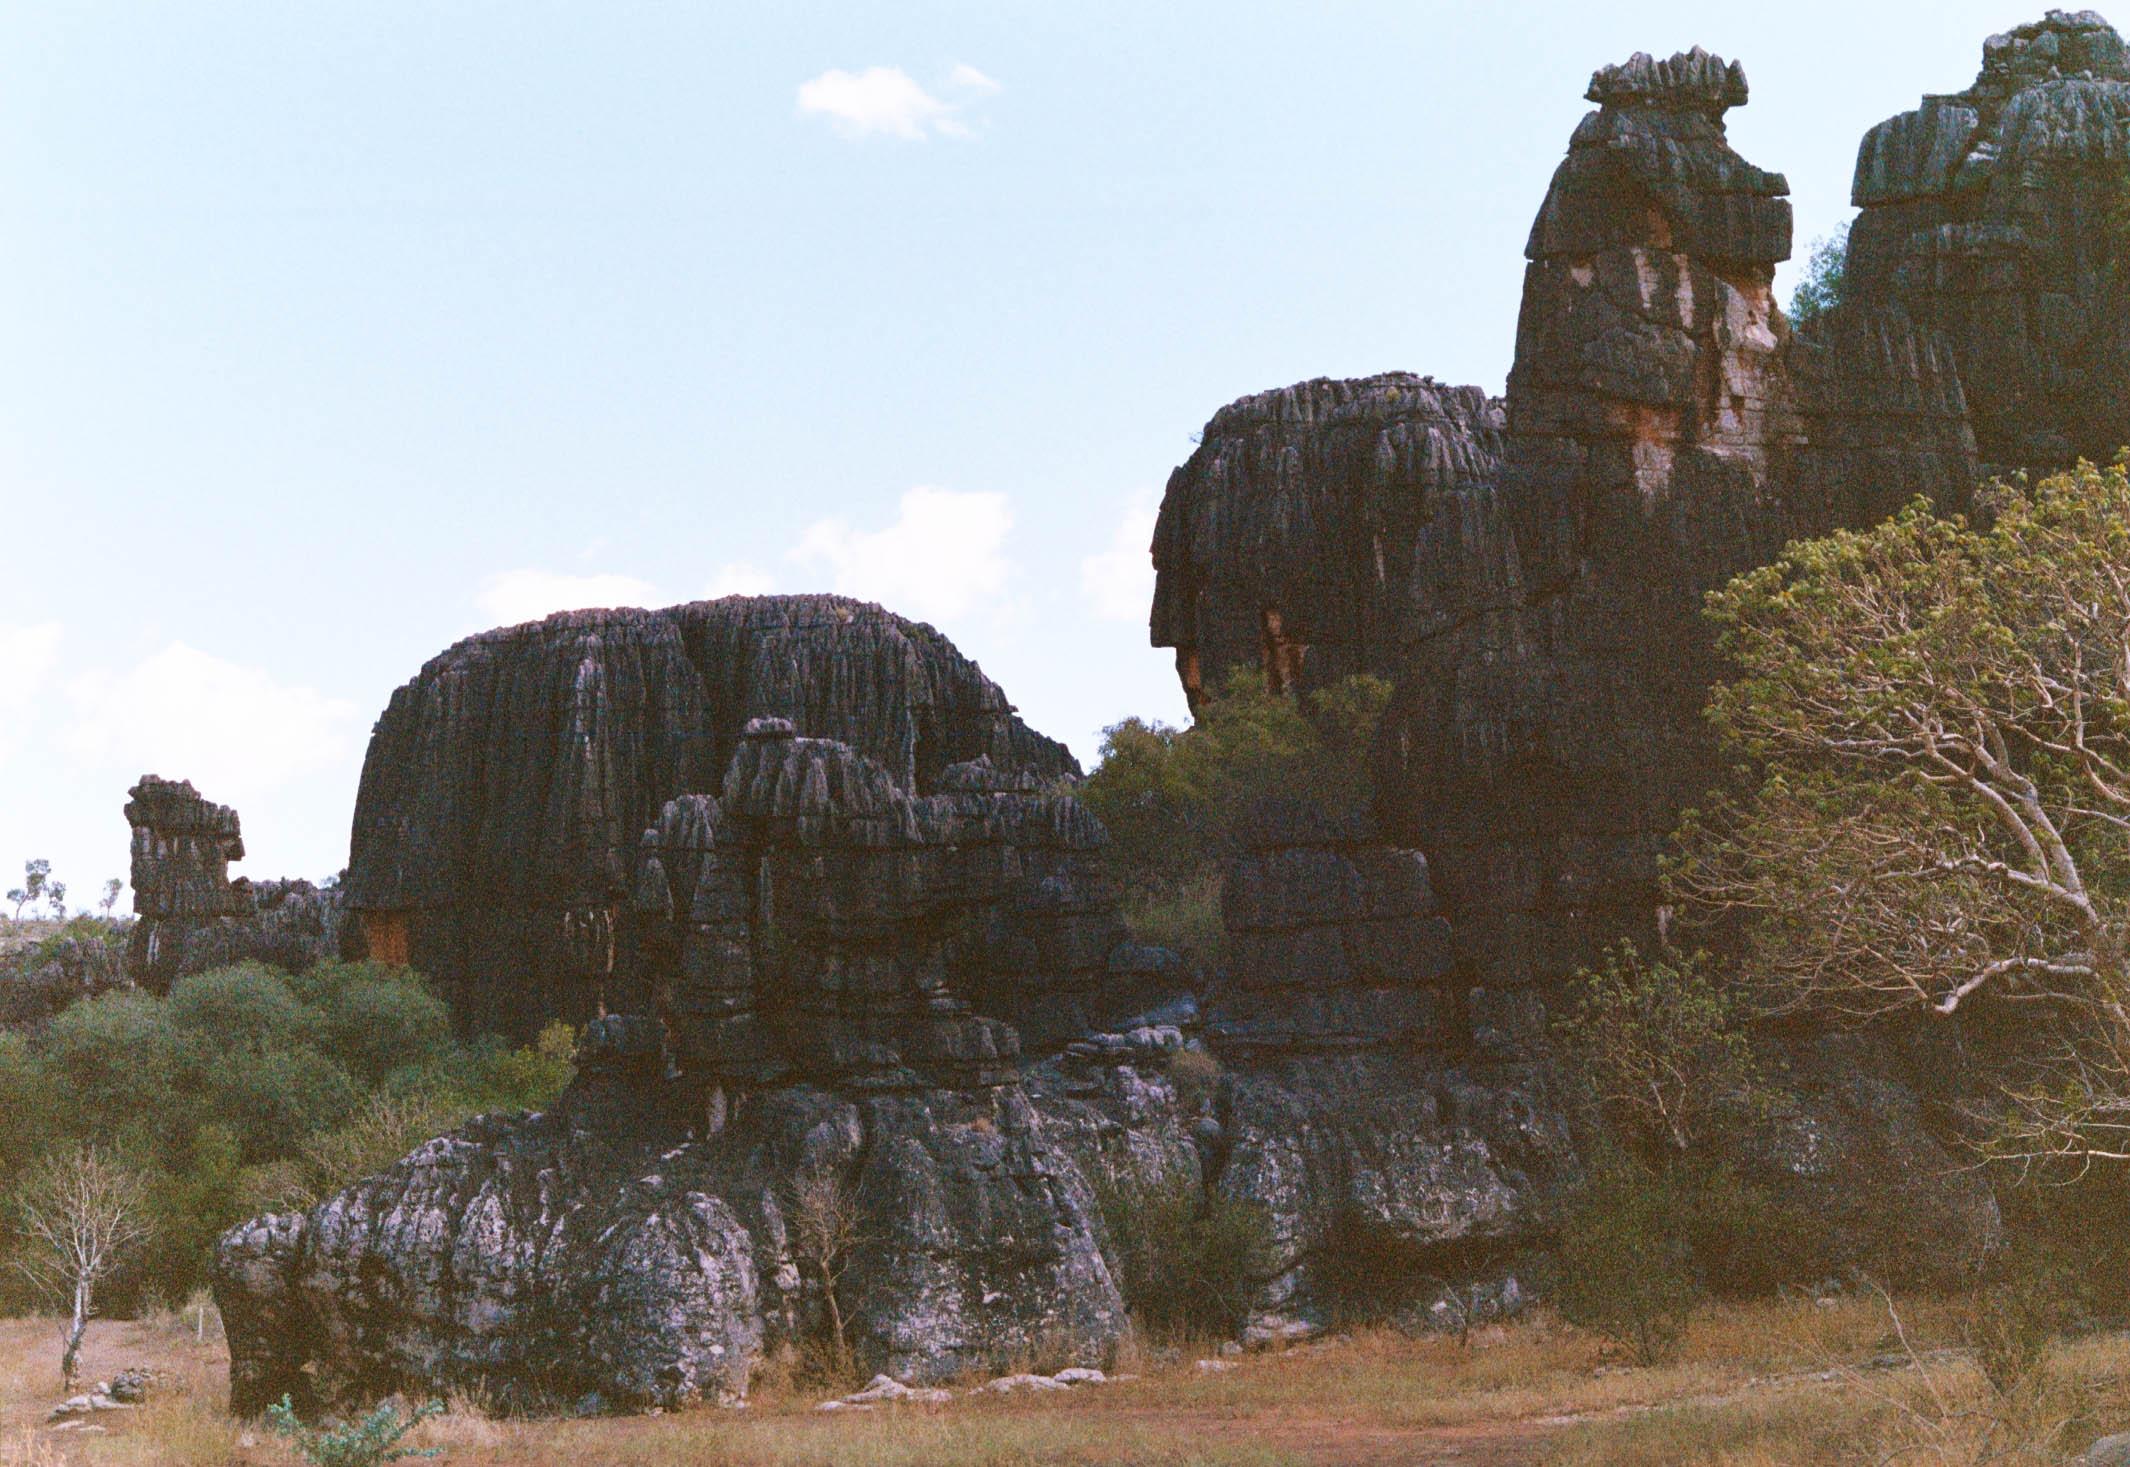 Mimbi Caves, Gooniyandi Country, WA